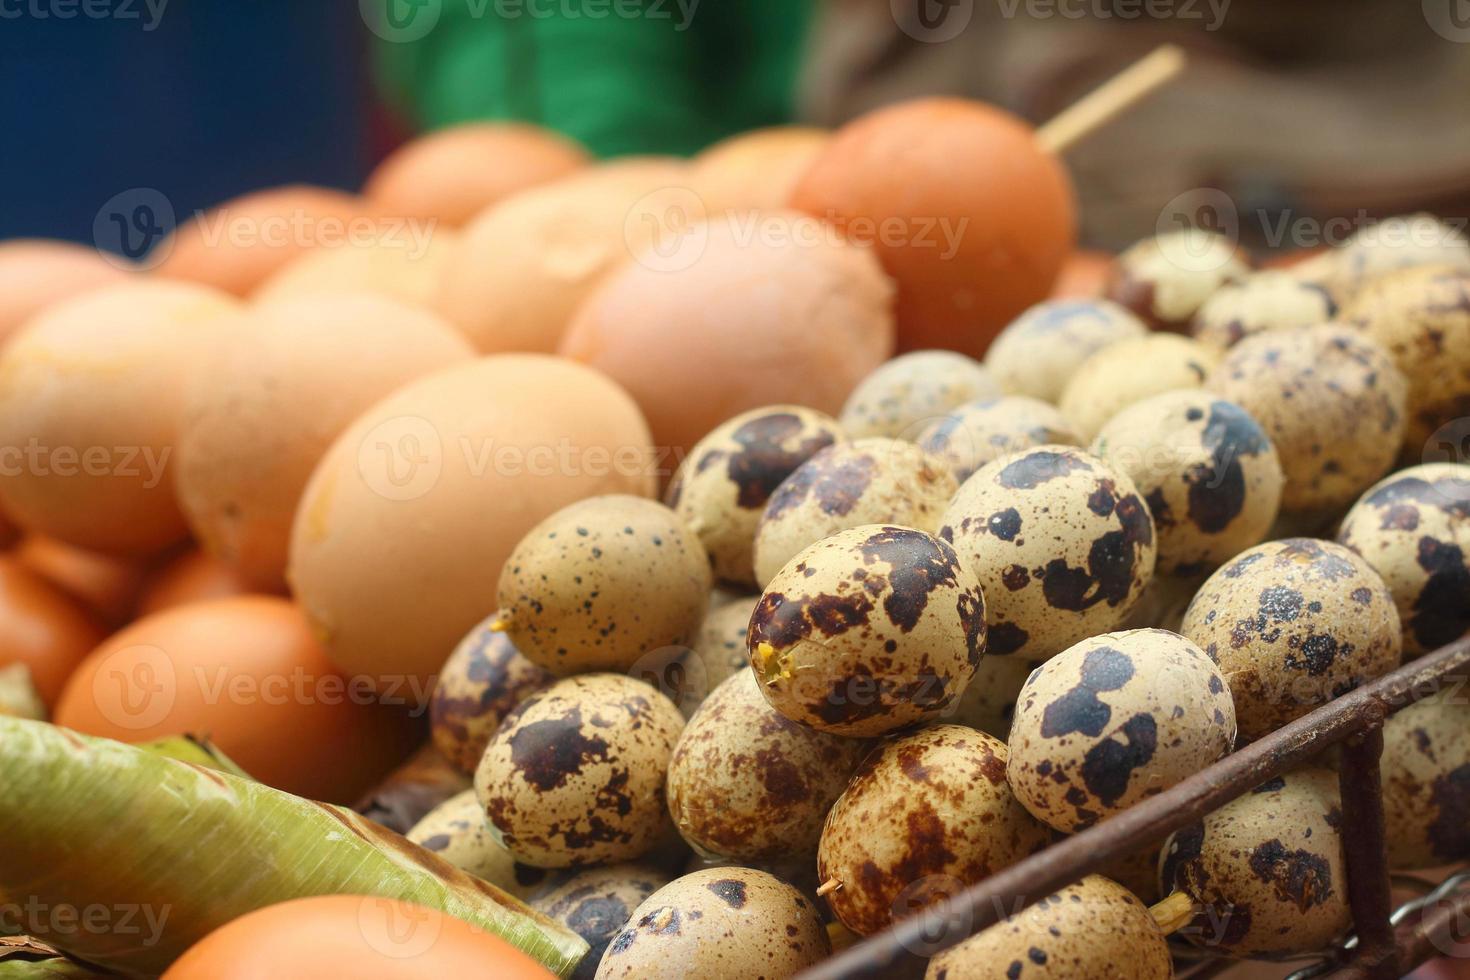 œufs de poule grillés sur la cuisinière. photo